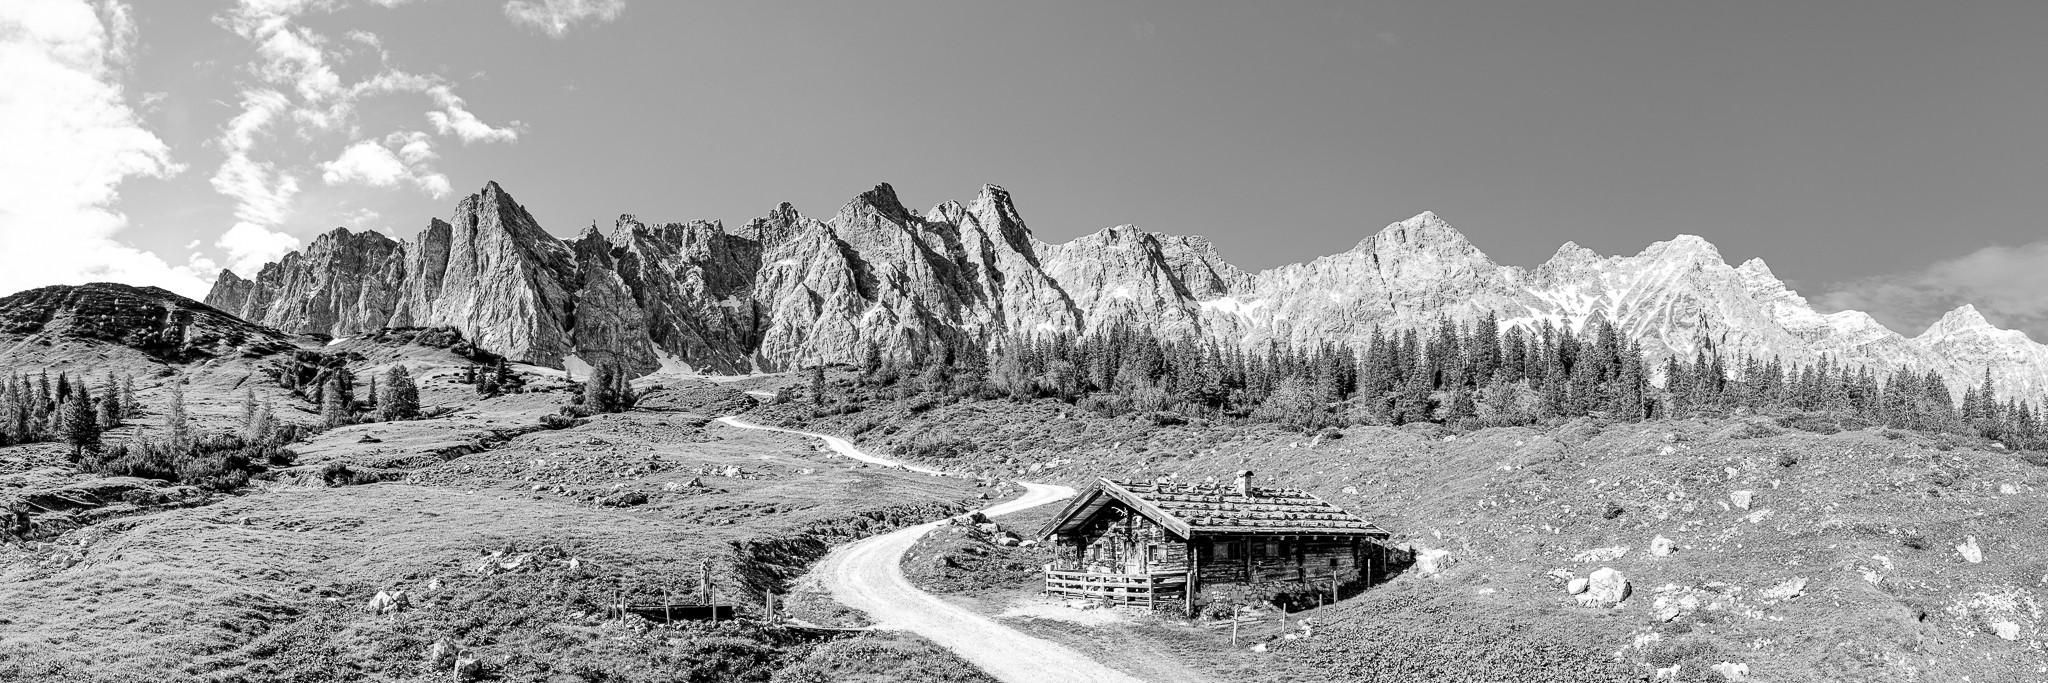 Schwarz-Weiß - Die urige Ladizalm (1573m) liegt auf dem steilen Weg zur Falkenhütte (1848m). Berge von links: Dreizinkenspitze, Laliderer Spitze, Bockkarspitze, Nördliche Sonnenspitze, Kühkarlspitze, Moserkarspitze, Kaltwasserkarspitze und Birkarspitze.